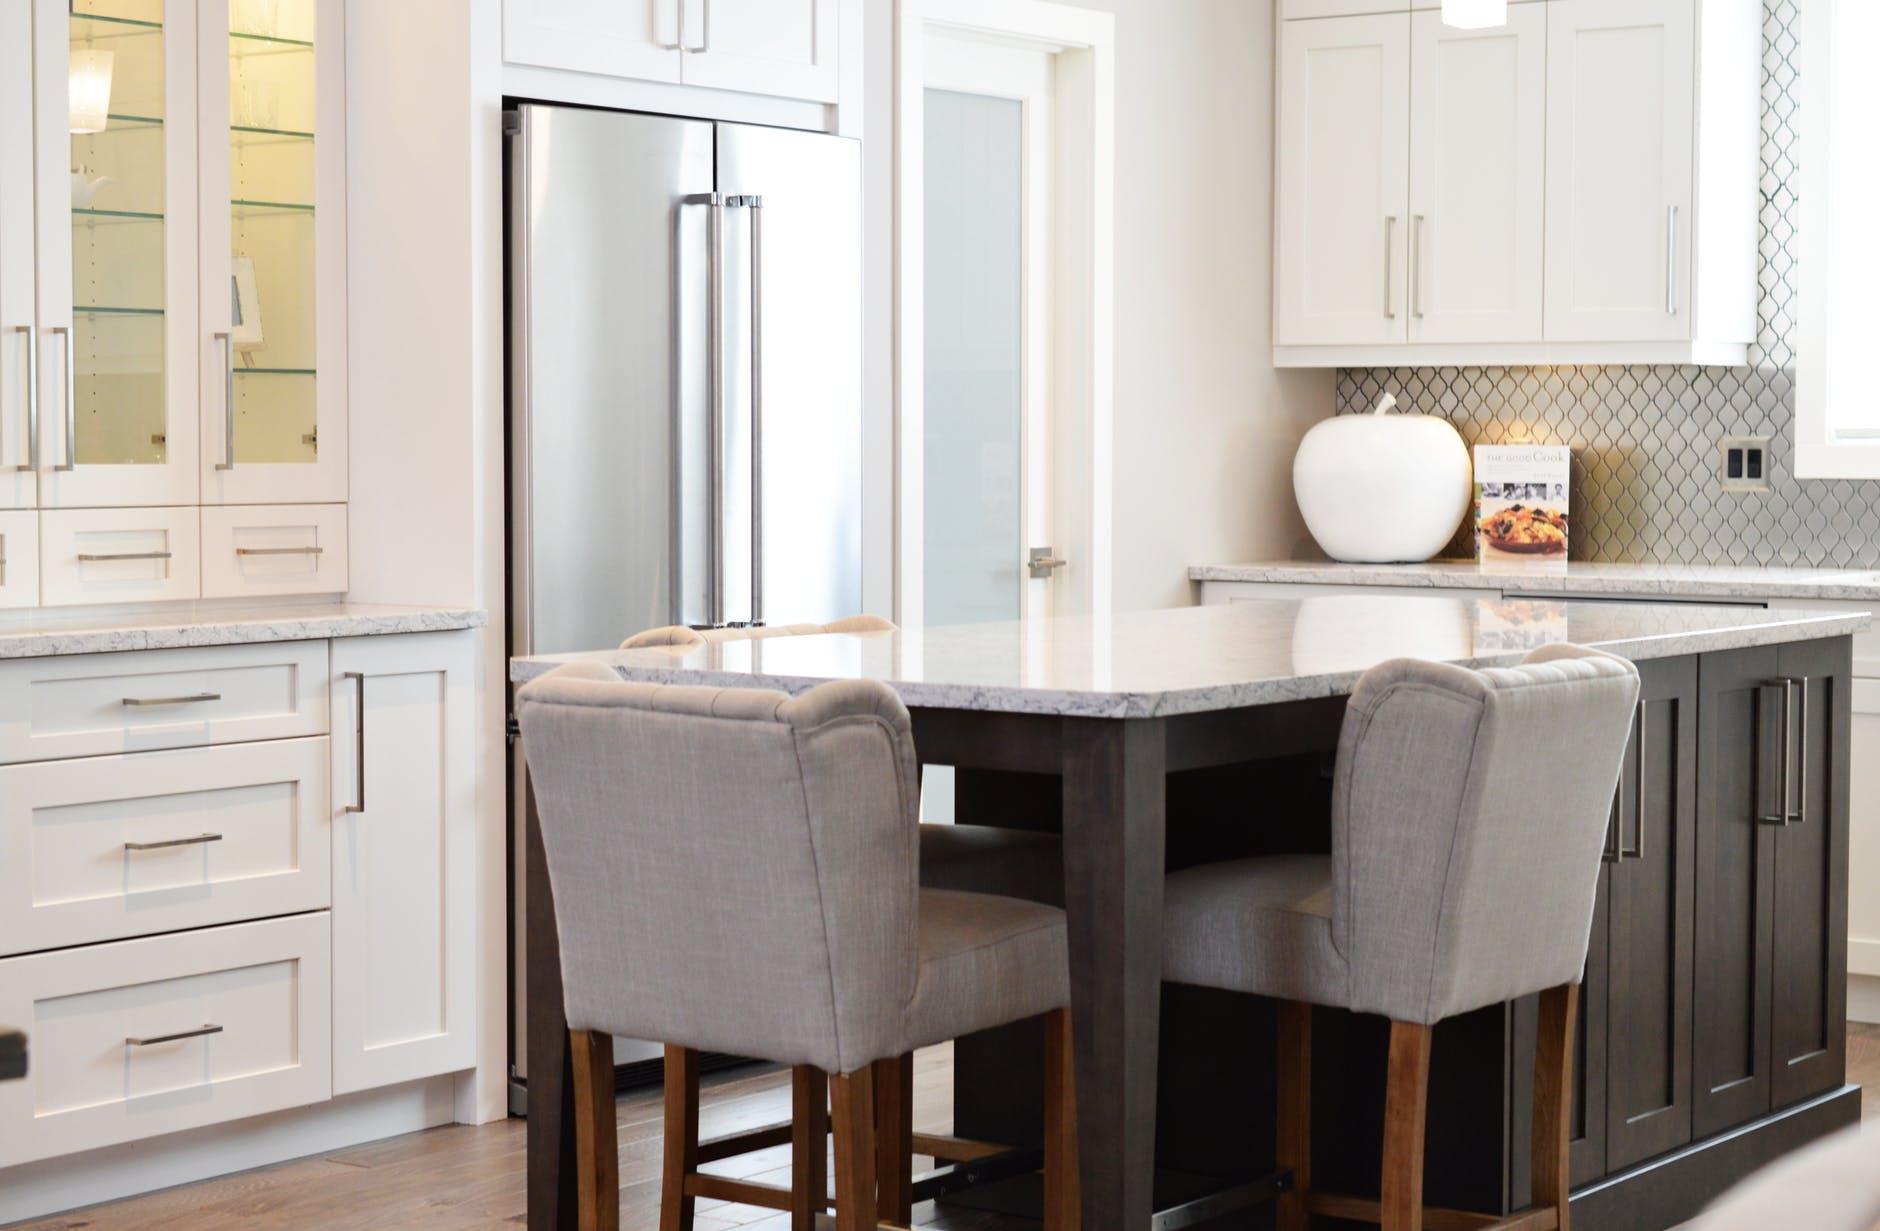 Jak barevně sladit kuchyni? Víme jak na to!